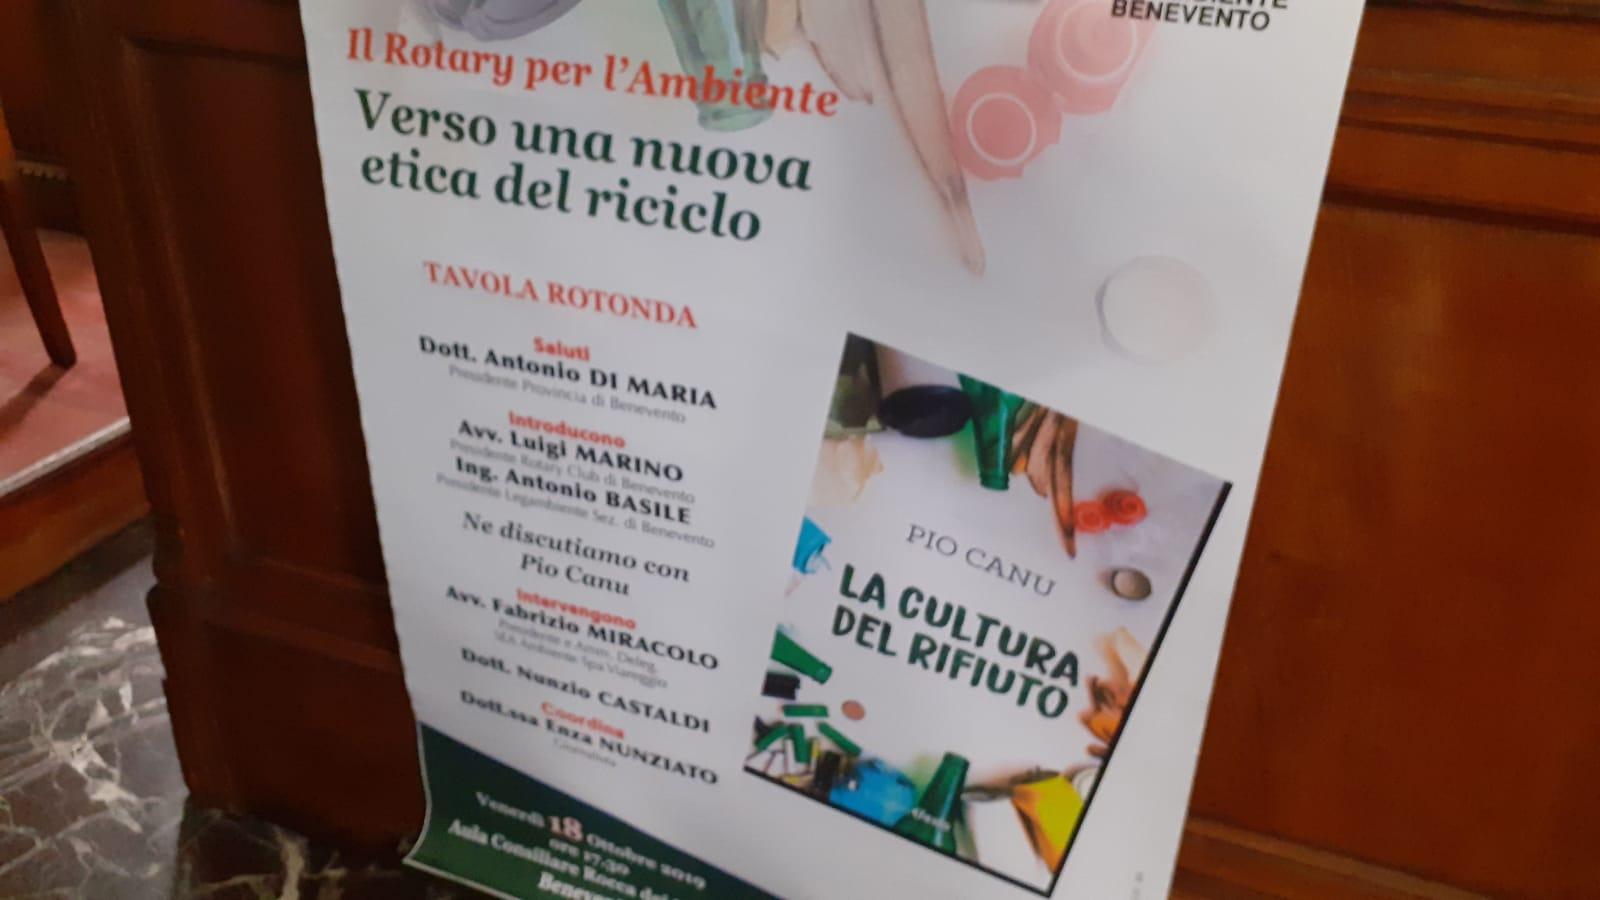 Benevento| Nuova etica del rifiuto, presentato il libro di Pio Canu